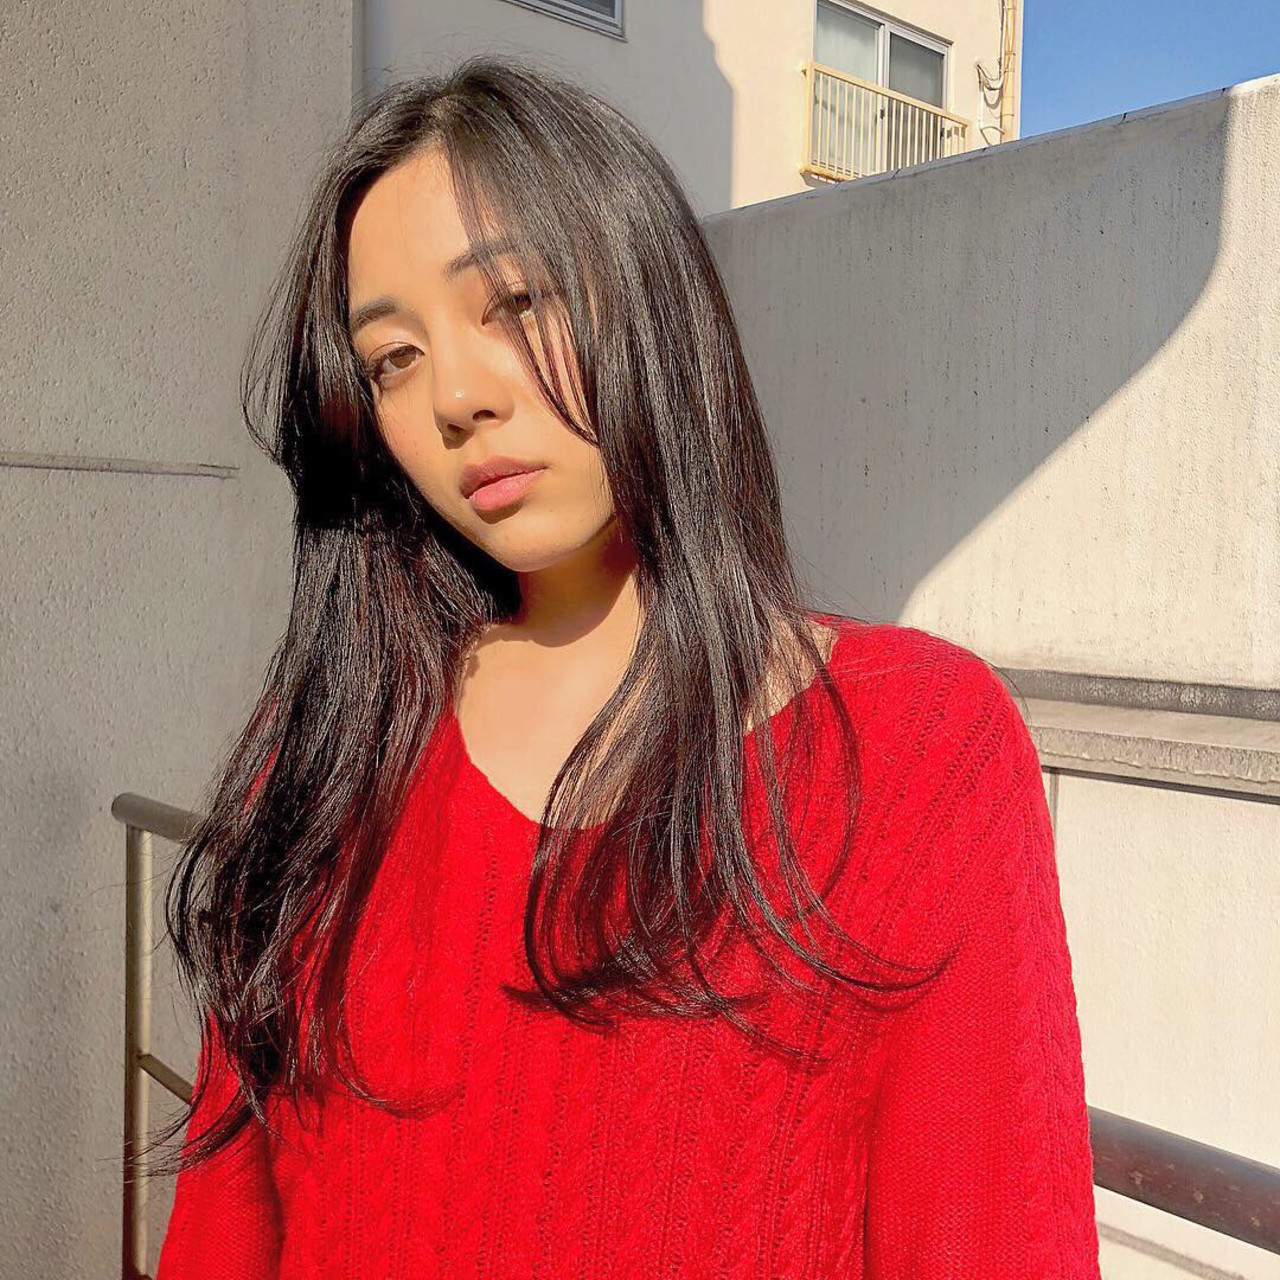 インナーカラー セミロング インナーカラー赤 ワンカール ヘアスタイルや髪型の写真・画像